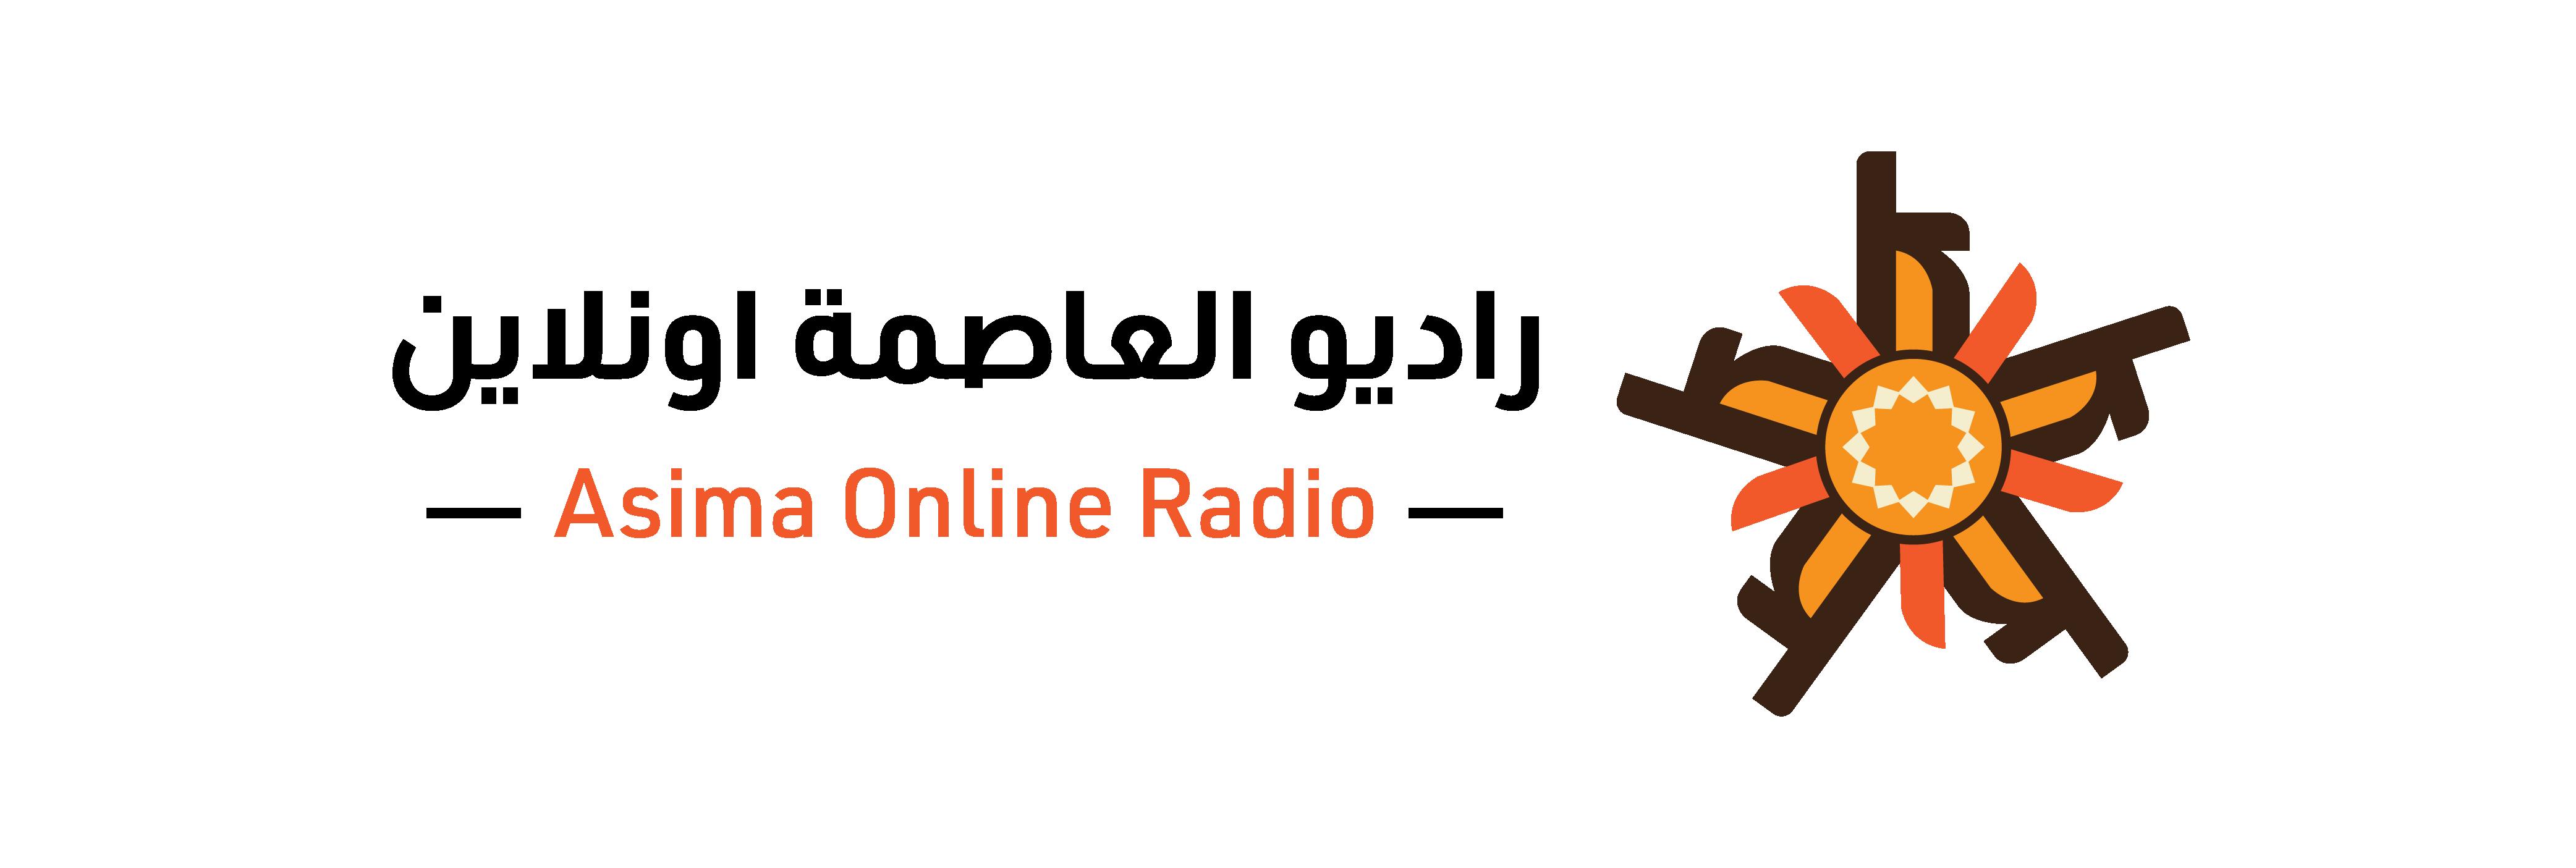 إذاعة العاصمة اونلاين – أقوى راديو عربي استماع فوري